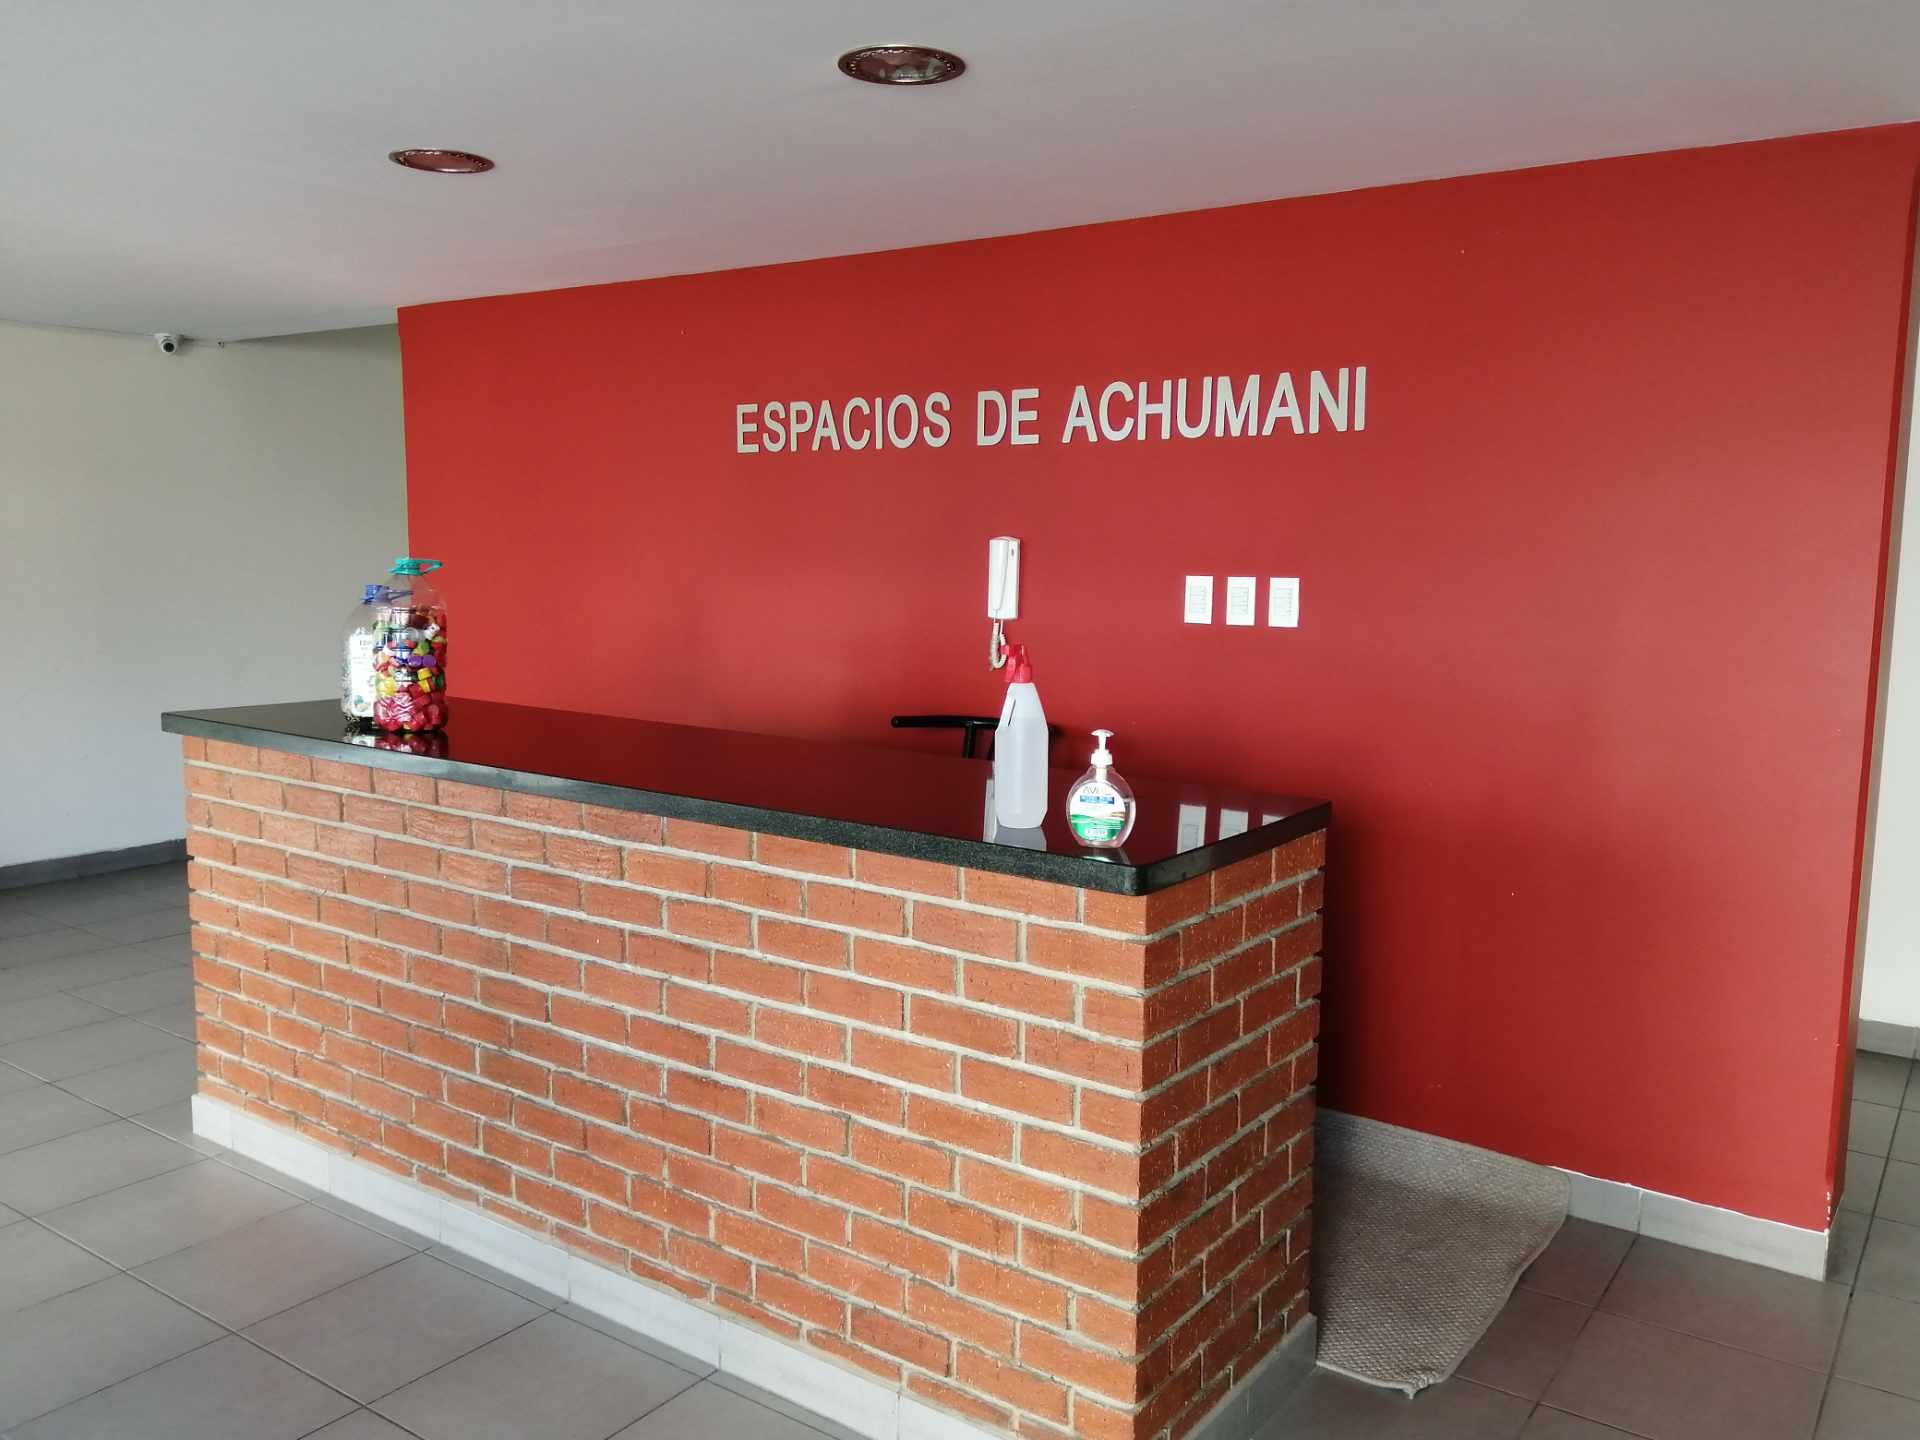 Departamento en Alquiler ACHUMANI, SECTOR SAN RAMON CALLE 28 I EDIFICIO ESPACIOS DE ACHUMANI PISO 6  Foto 3